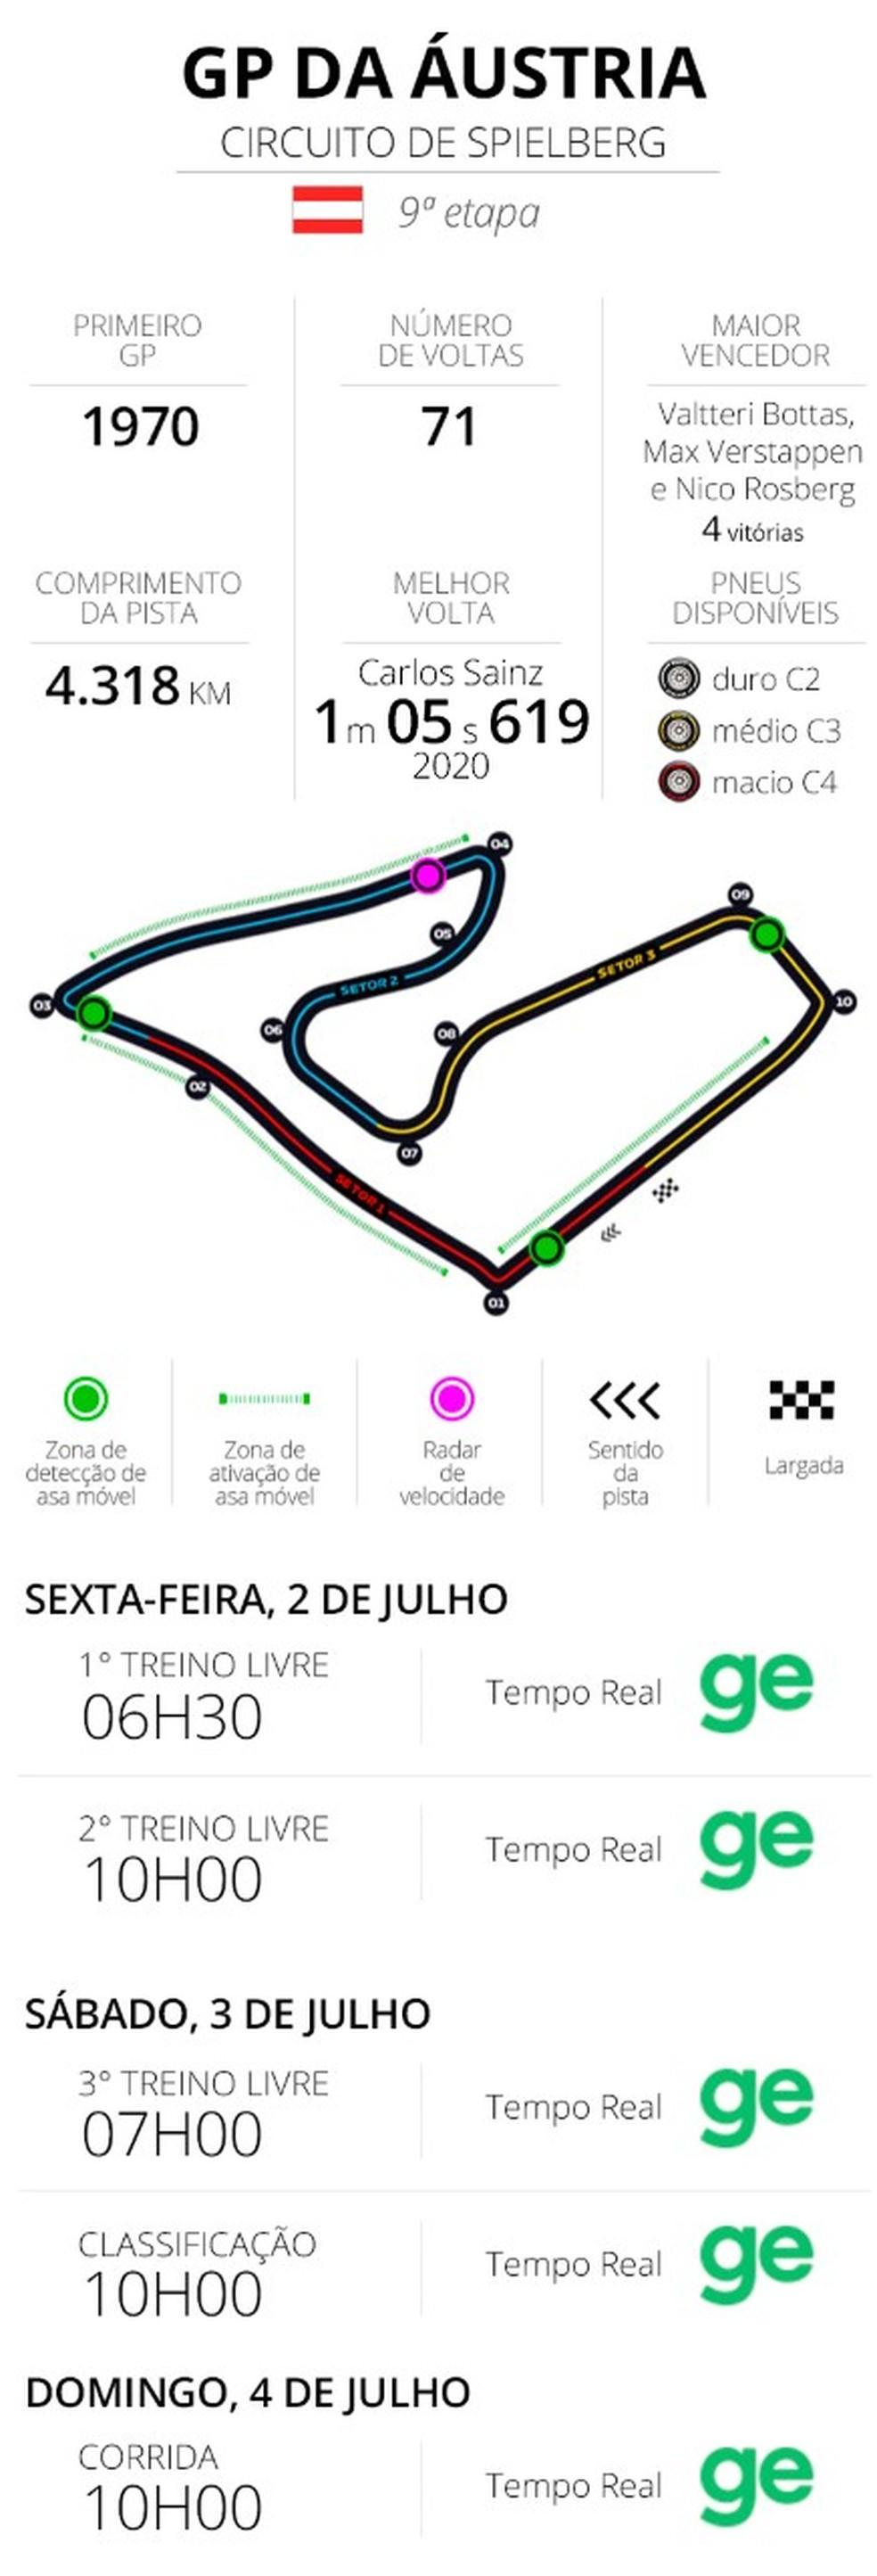 Horários e infos do GP da Áustria — Foto: Infoesporte